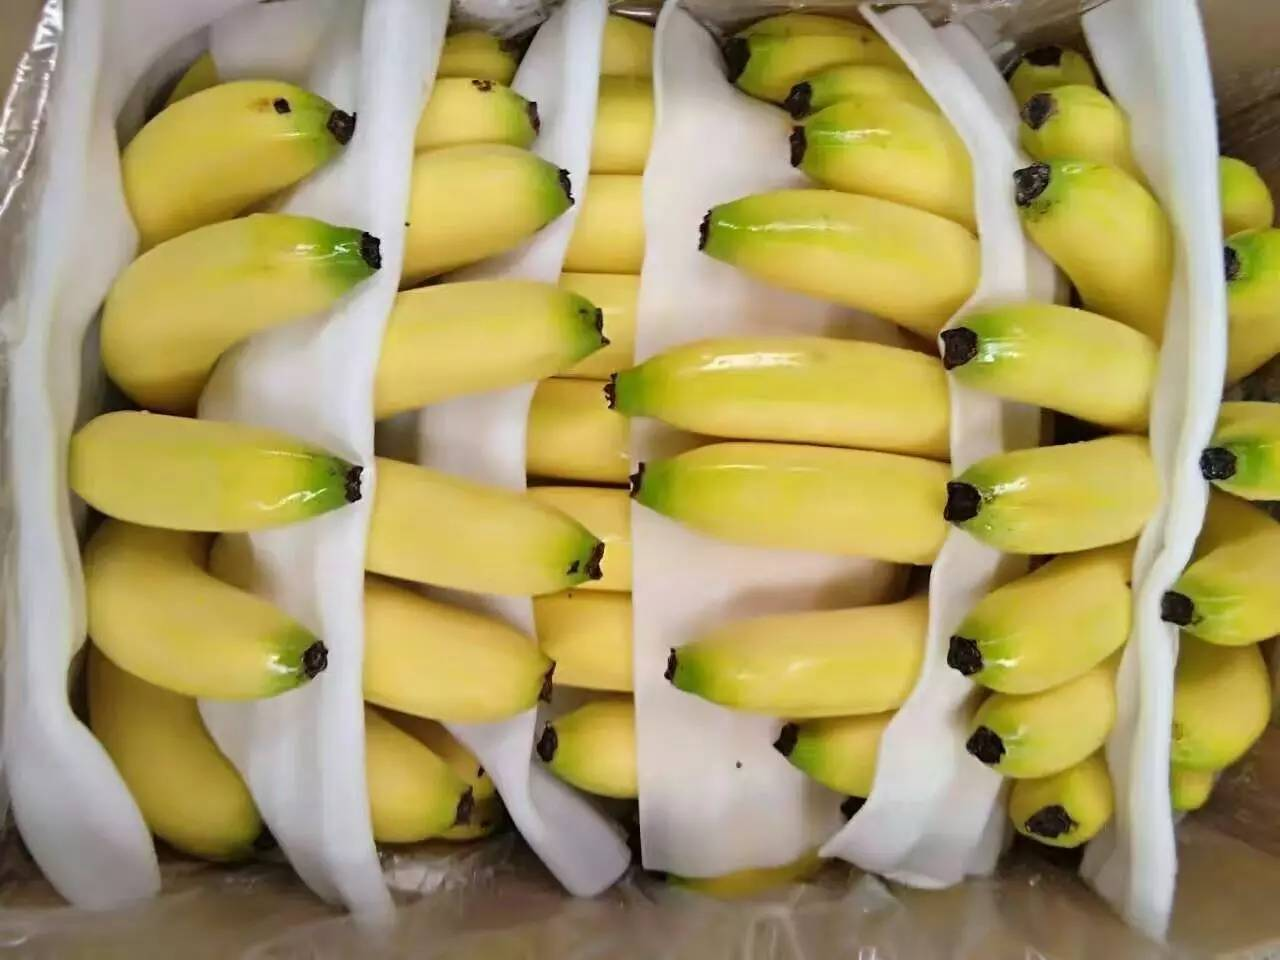 史上最全!香蕉采后储运保鲜管理技术